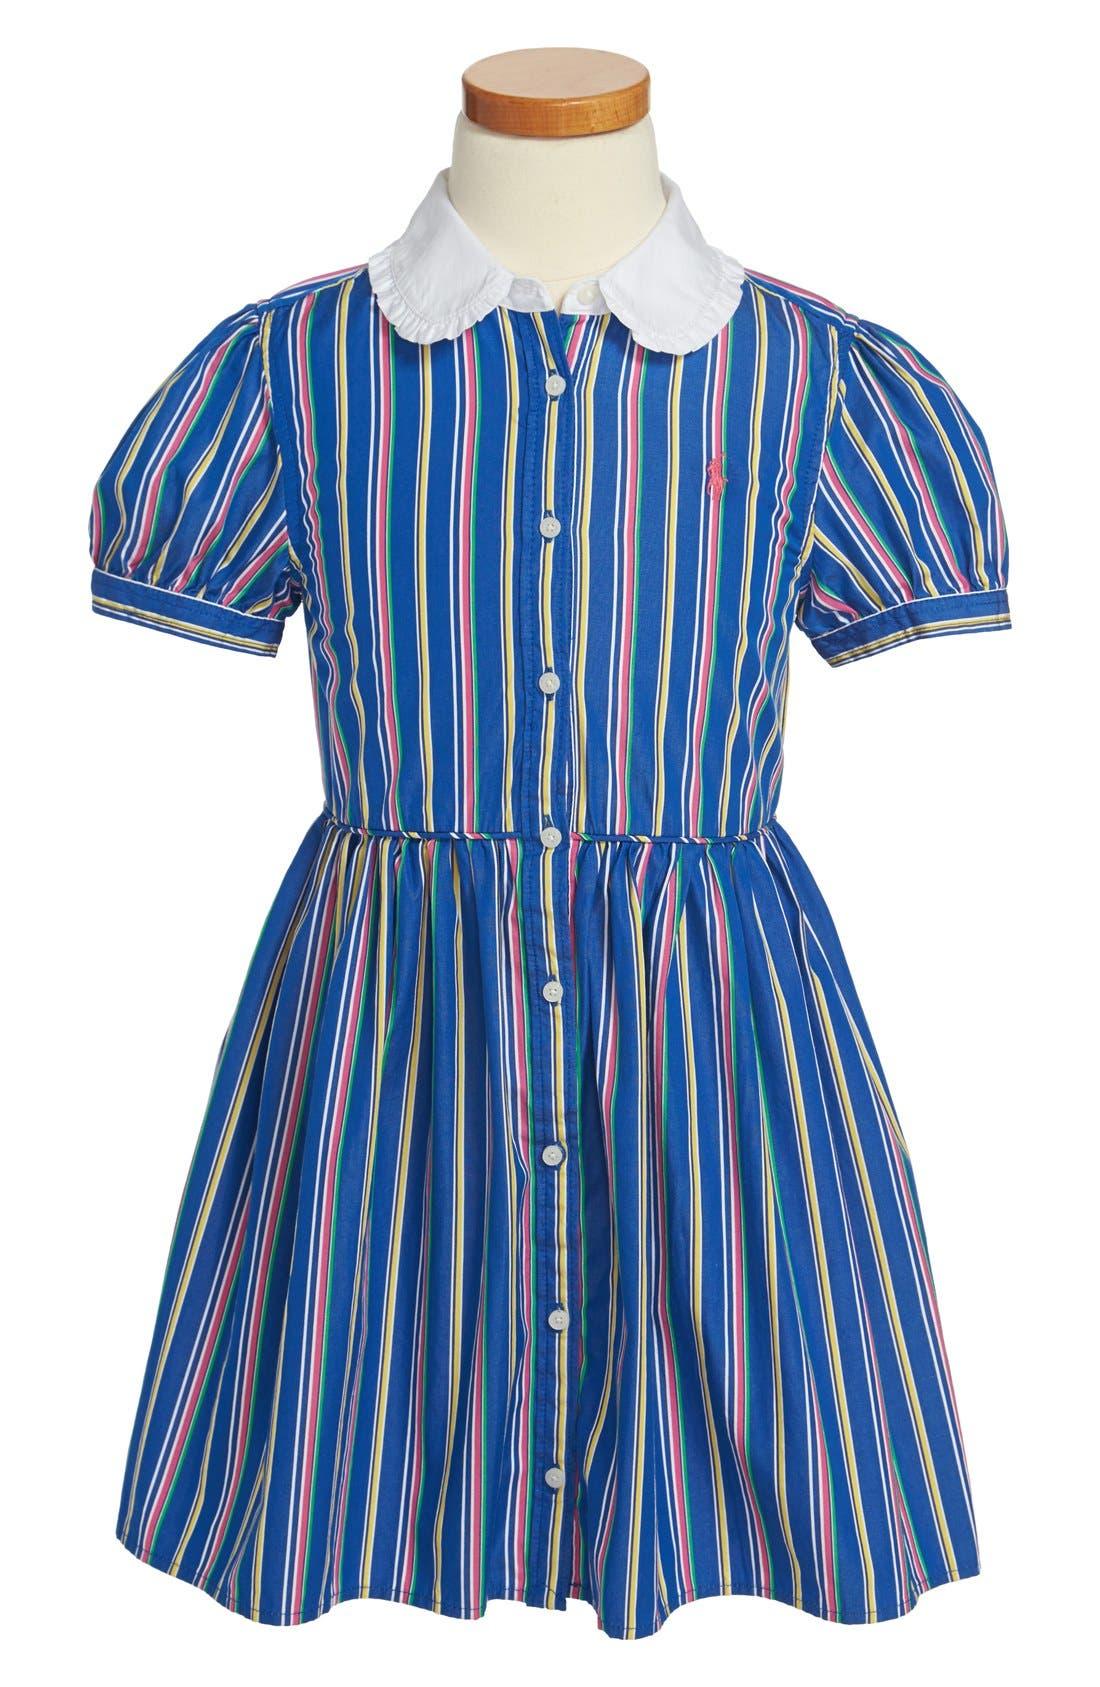 Main Image - Ralph Lauren Stripe Cotton Shirtdress (Little Girls)